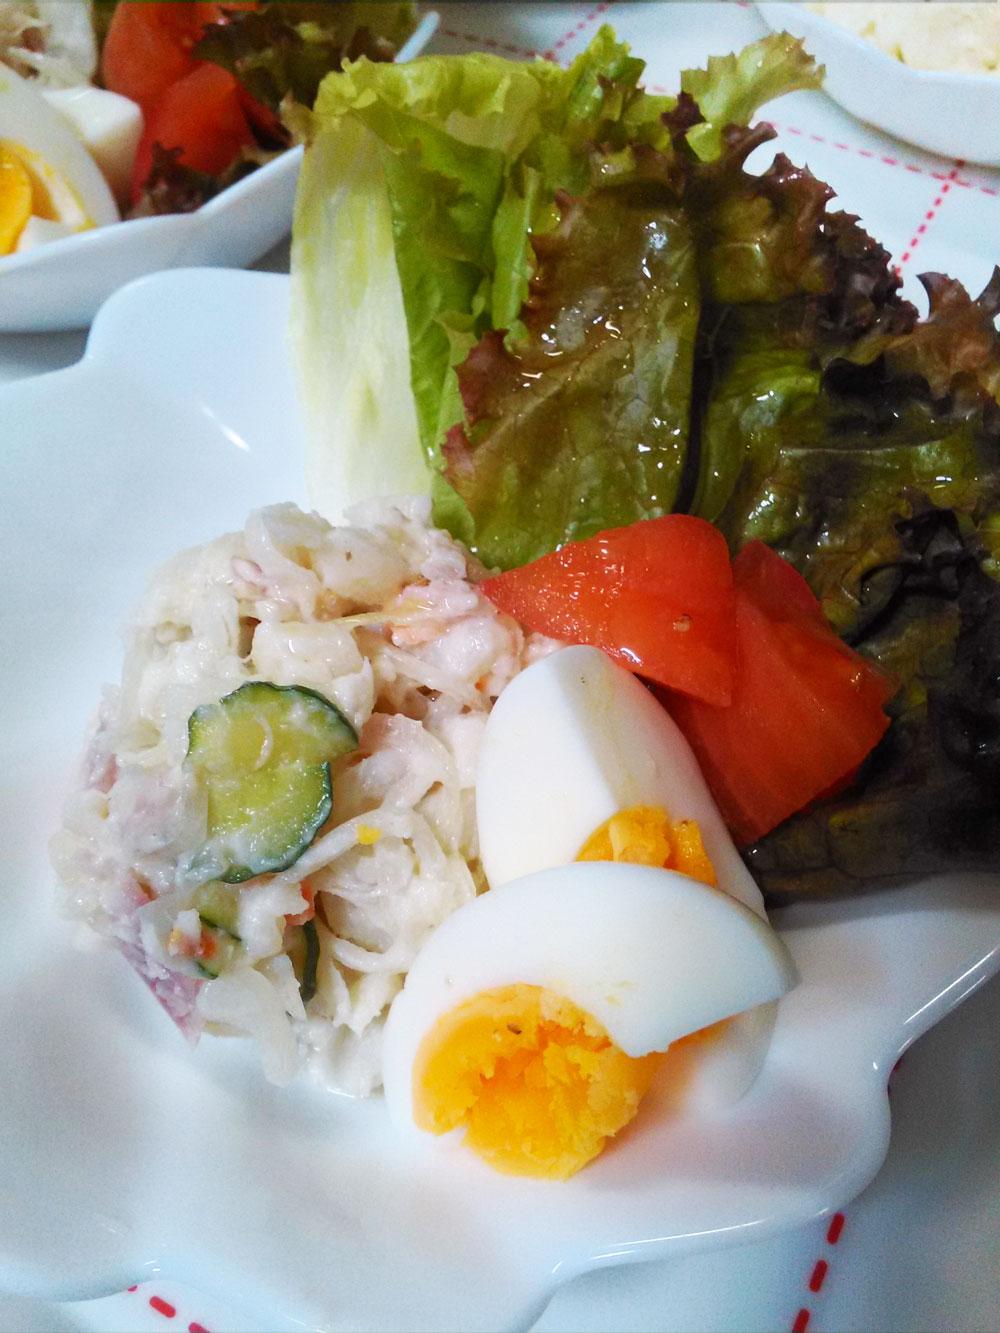 野菜とポテトサラダを盛りつける